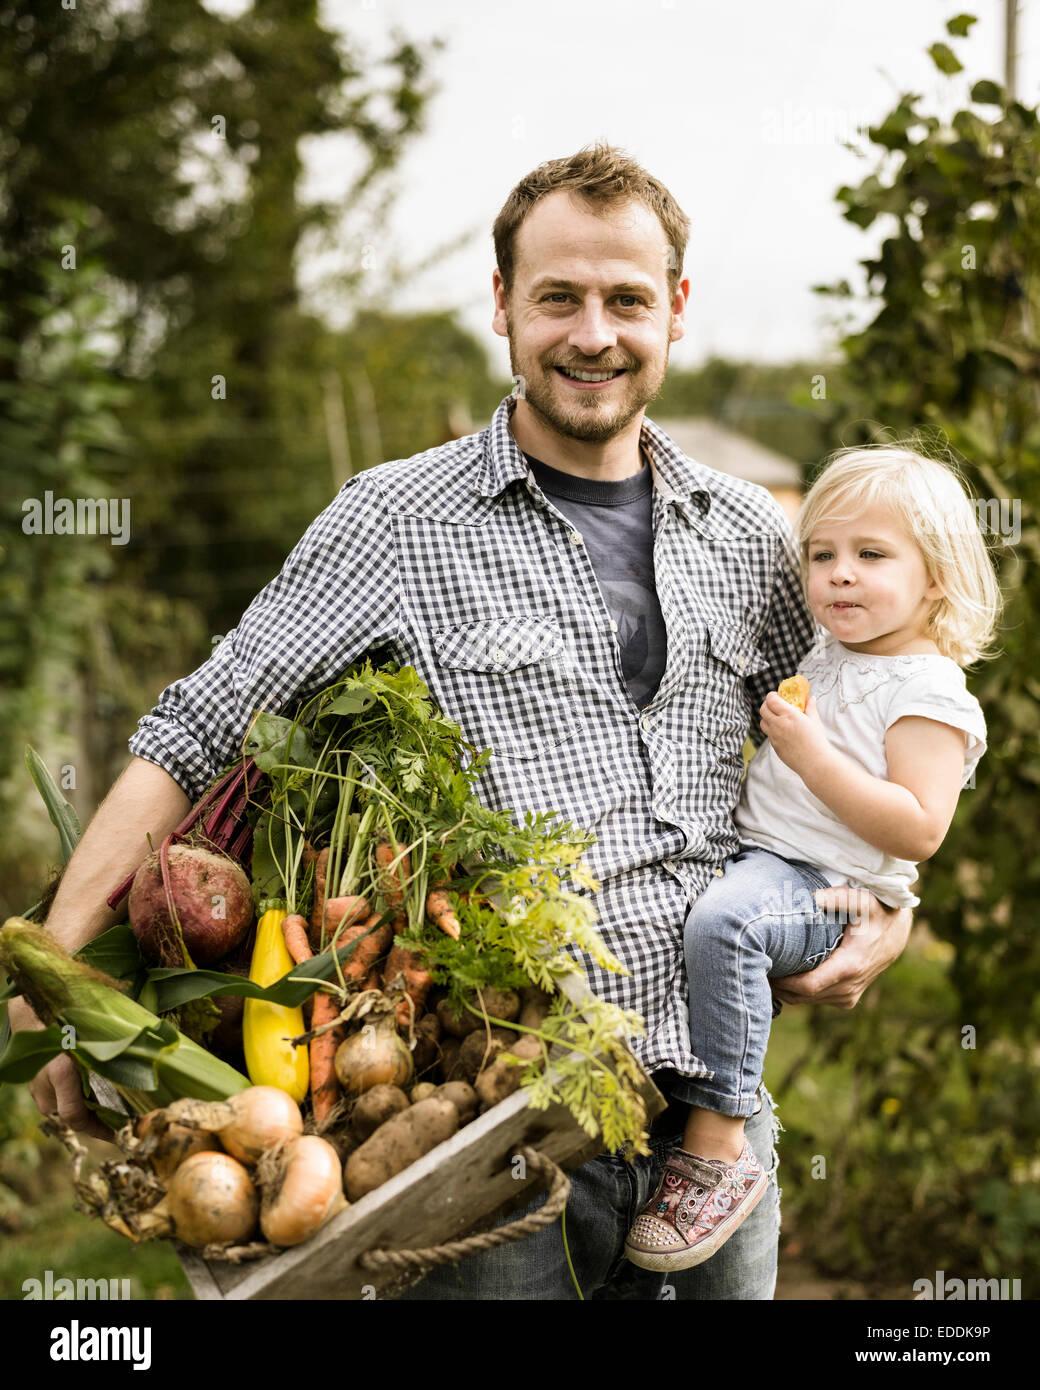 Hombre de pie en su asignación con su hija, sonriente, sosteniendo una caja llena de verduras recién cosechadas. Imagen De Stock